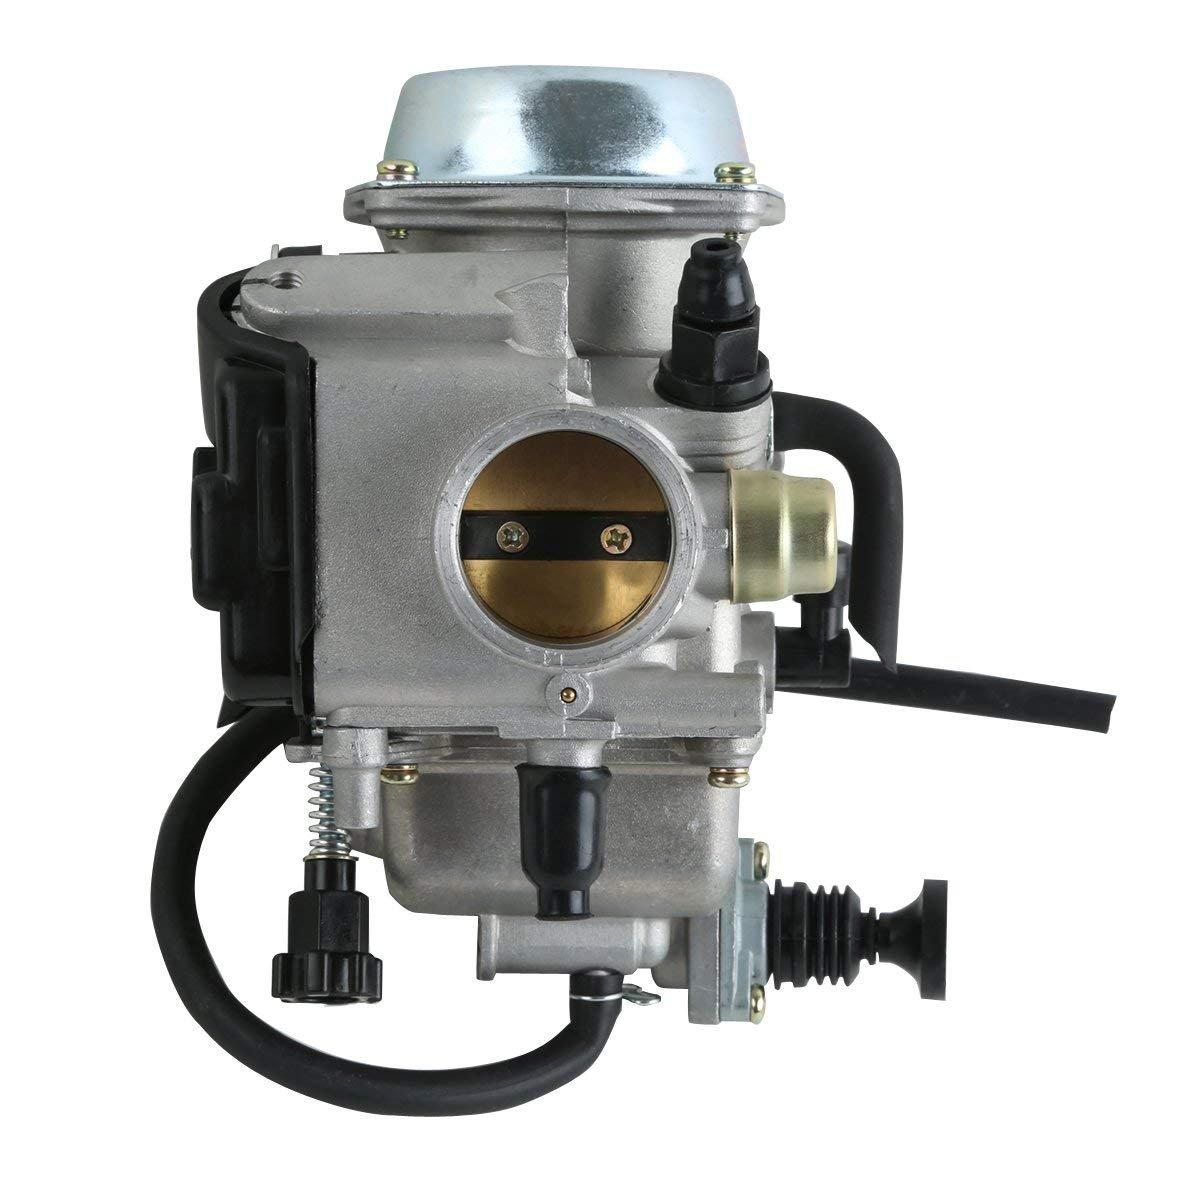 Carburetor FIT HONDA TRX300 300 FOURTRAX 1989 1990 1991 1992 1993 1994 1995 CARB